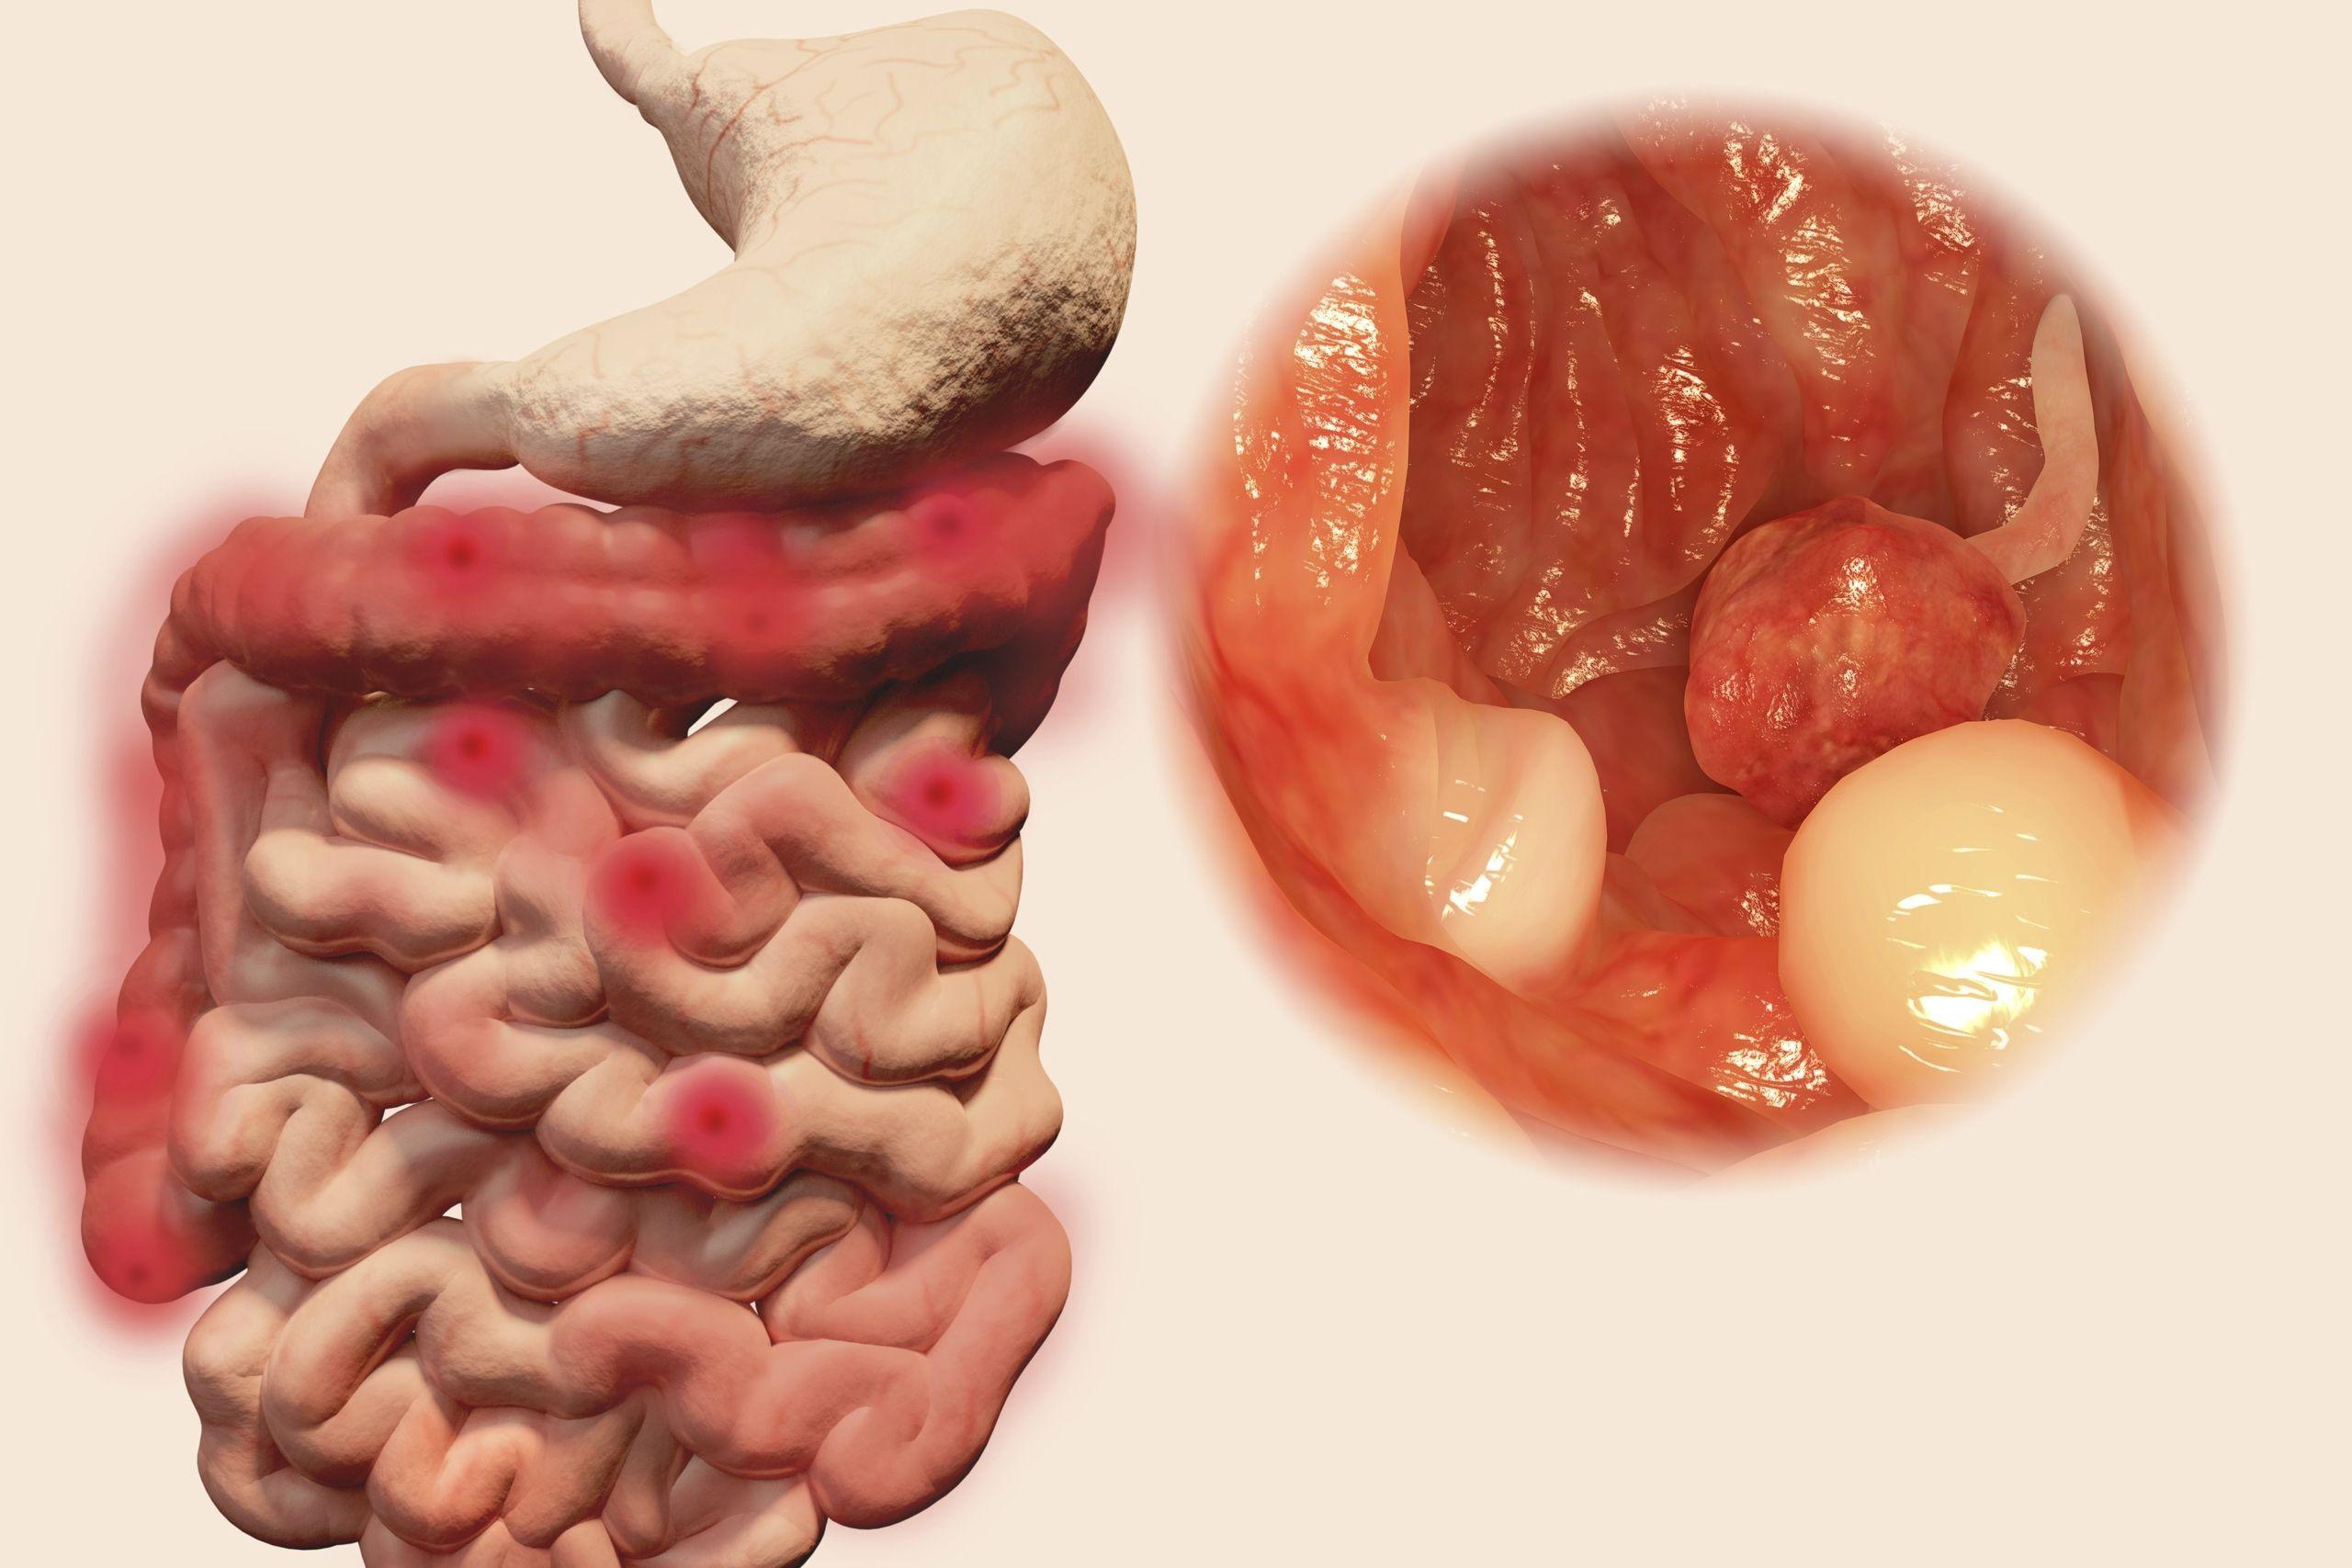 cancer colorectal stade 4 esperance de vie